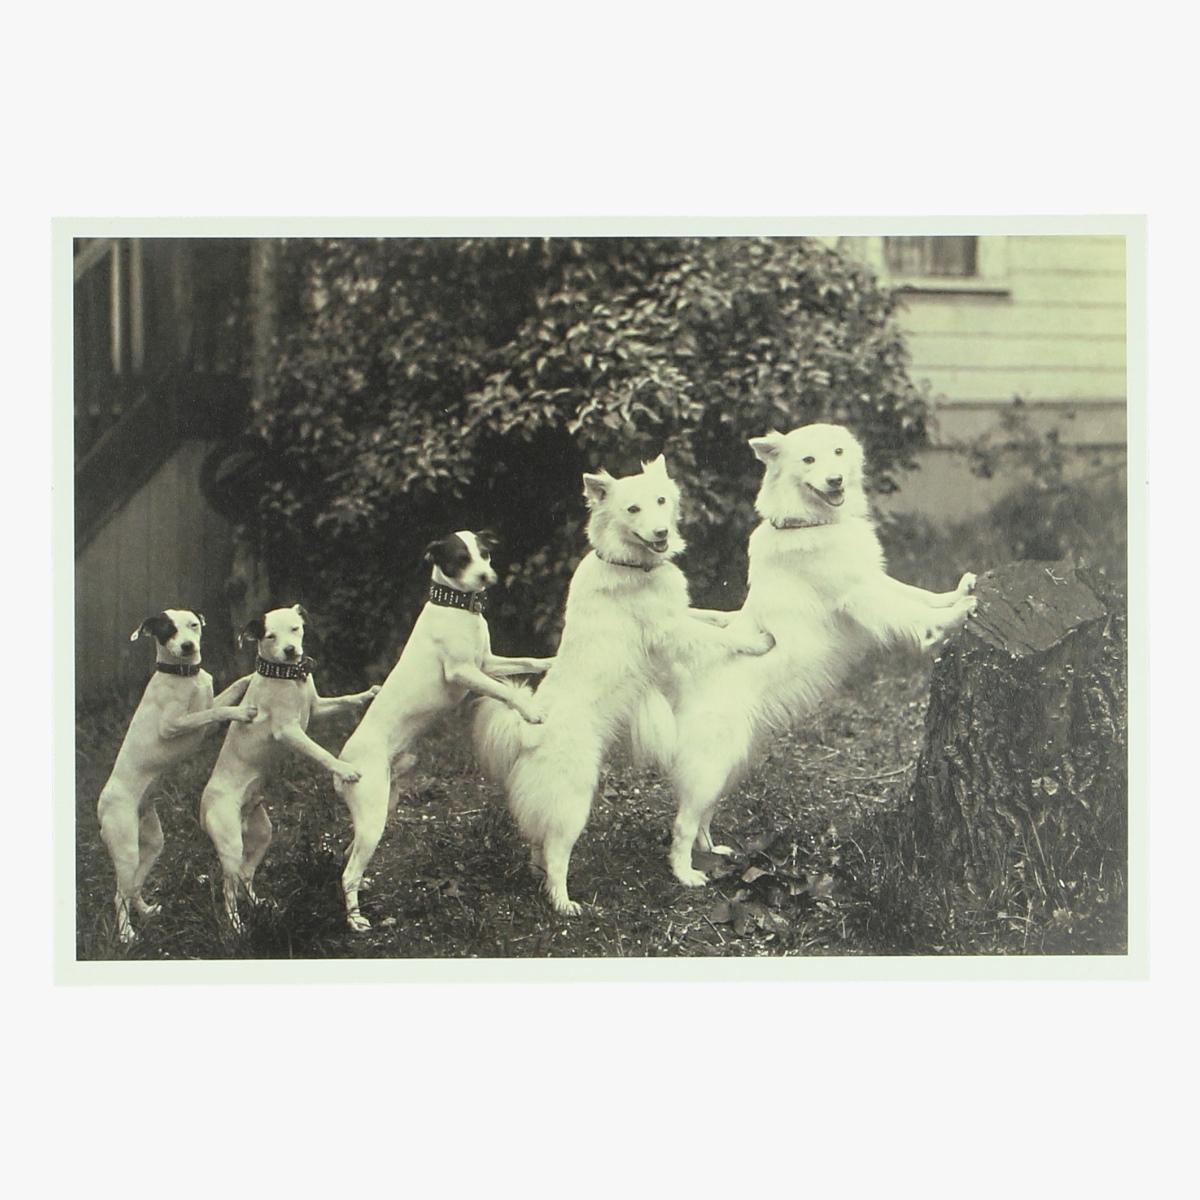 Afbeeldingen van postkaart hond anonymes V.S-Etats-Unis(1920) repro